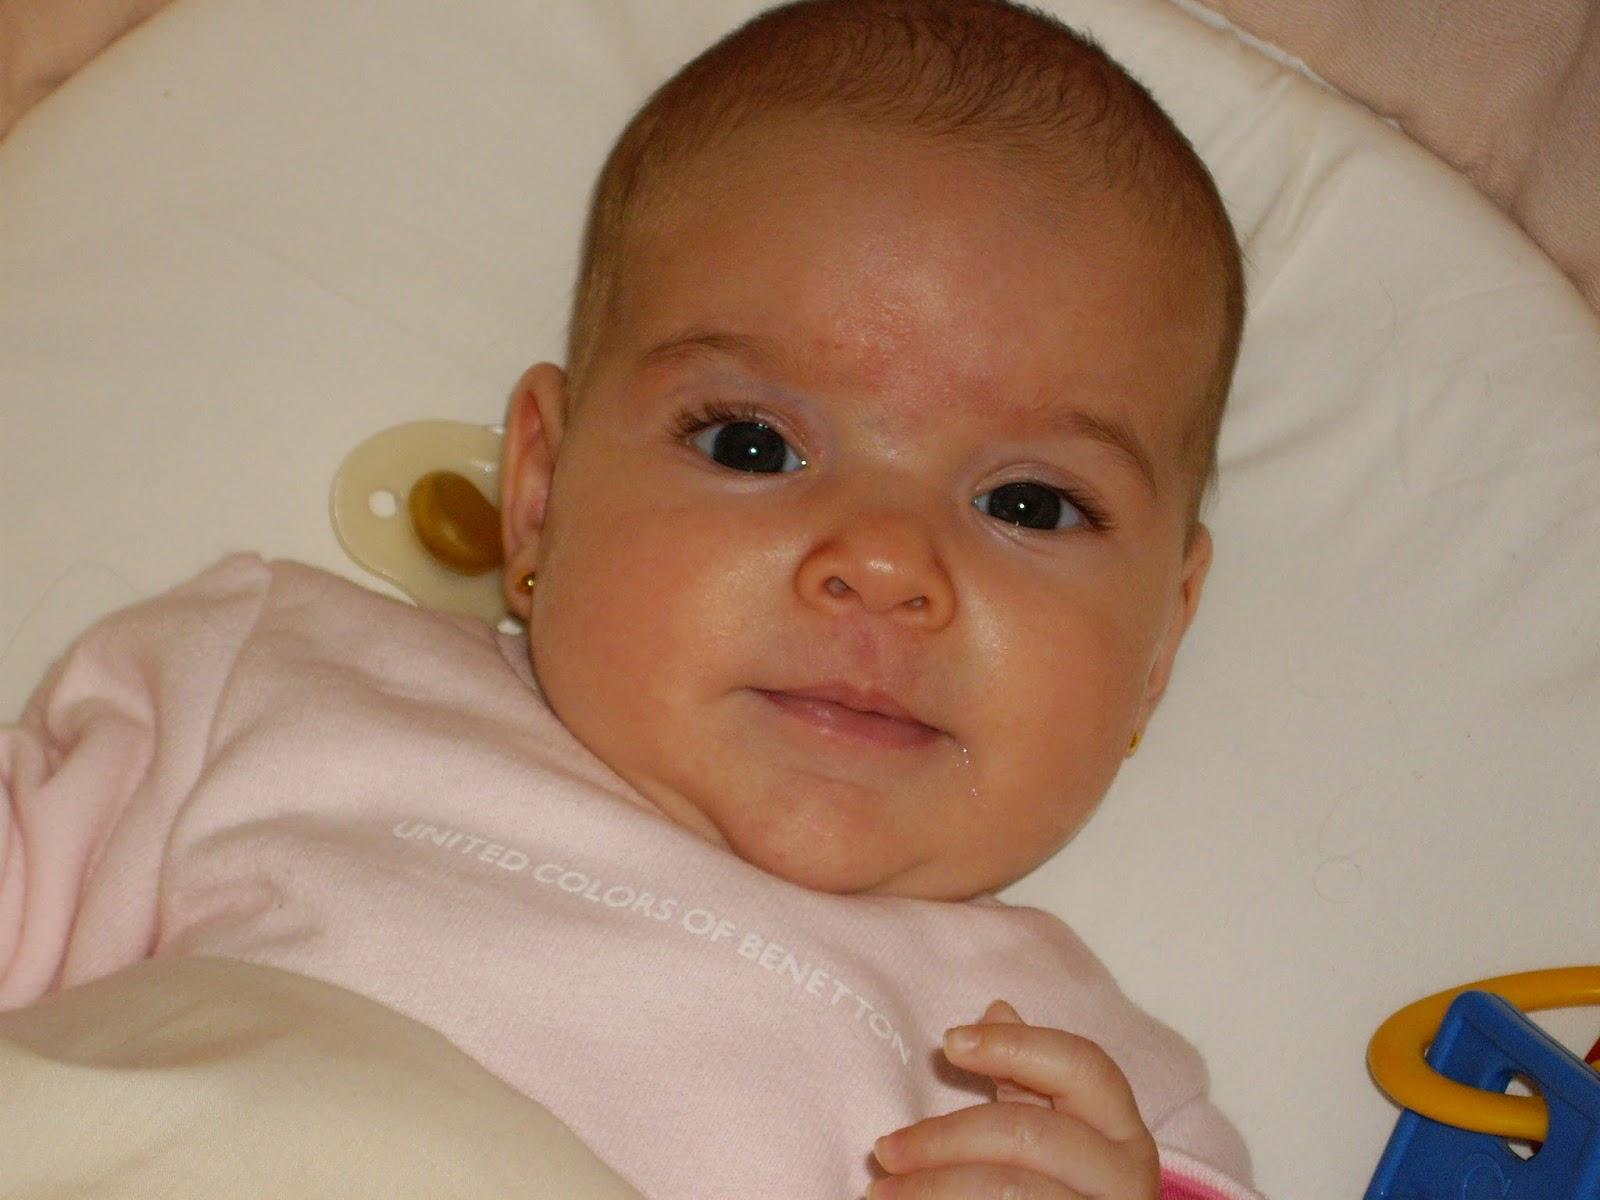 el cuarto mes bebe - 28 images - desarrollo embarazo en el cuarto ...